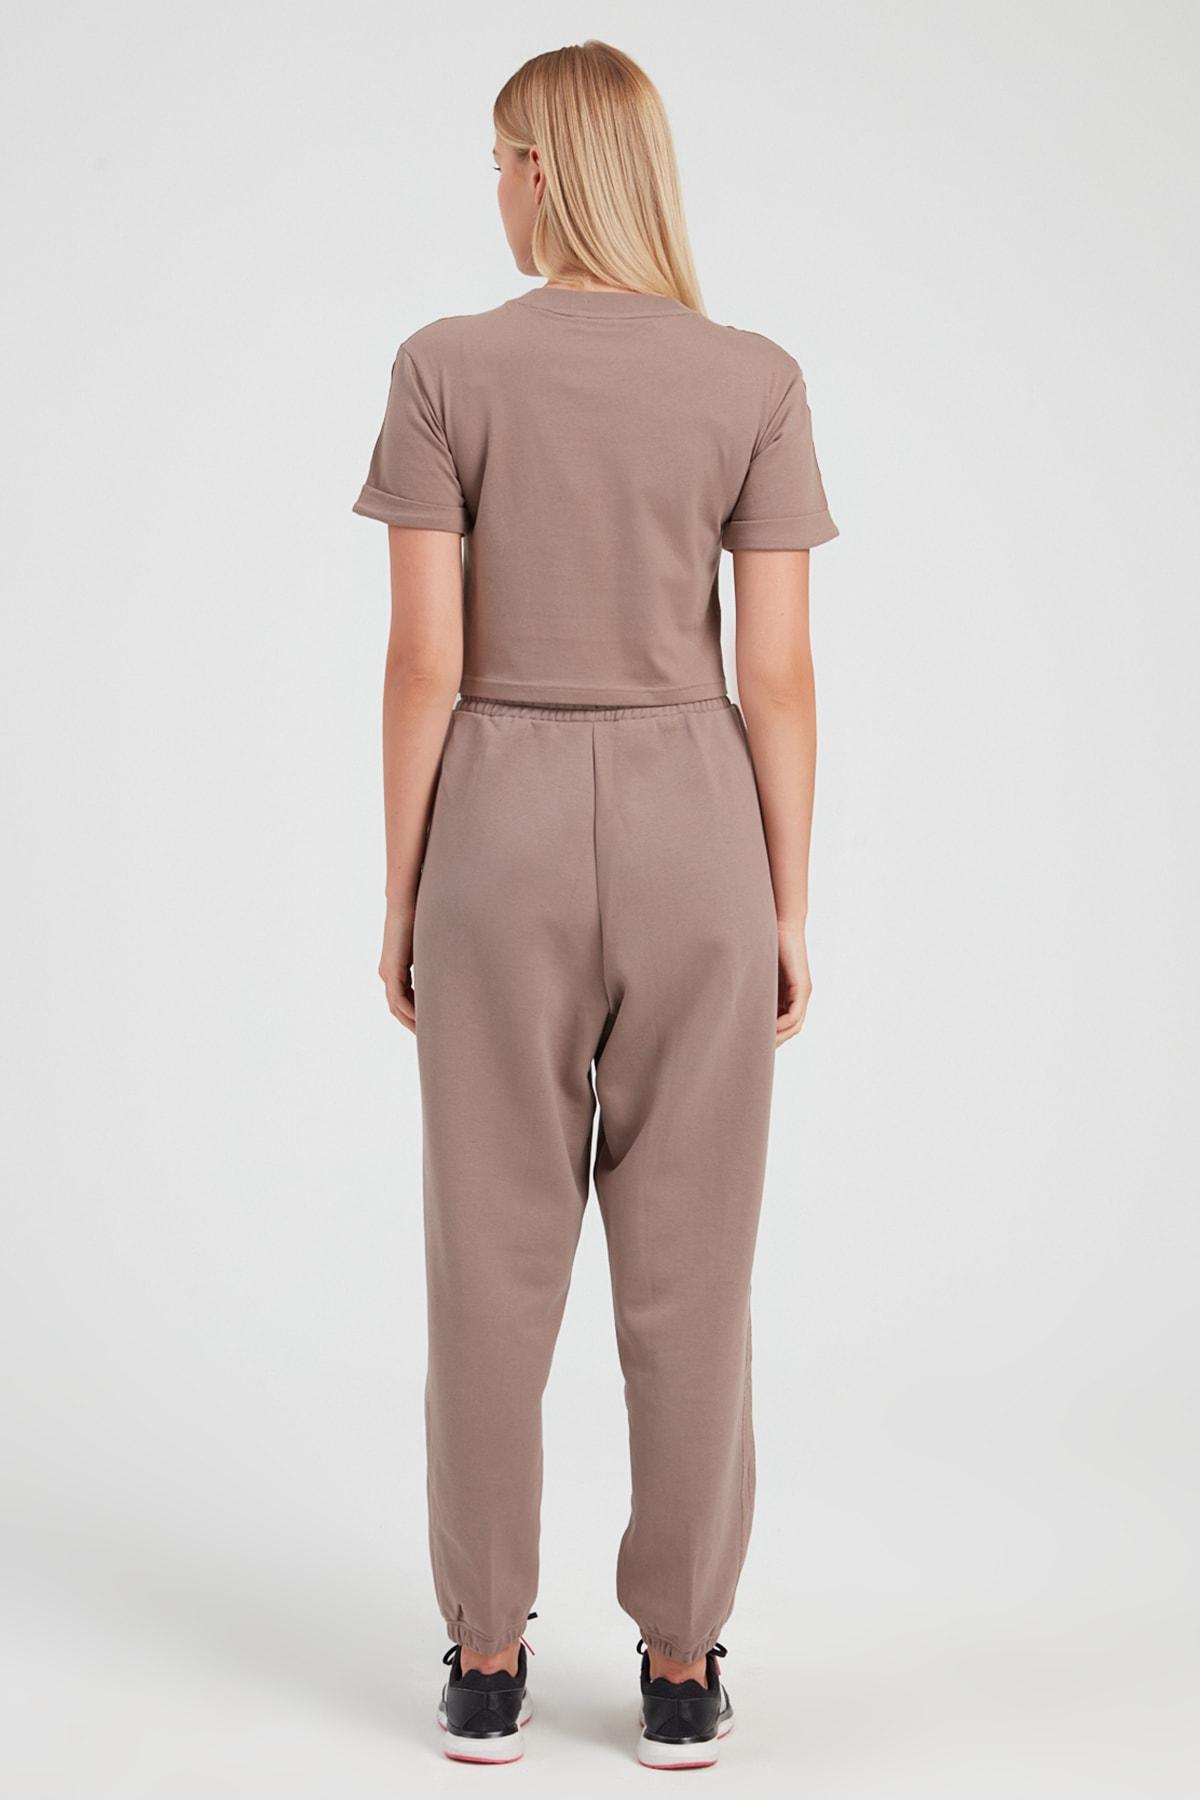 adidas Kadın Spor Eşofman Altı - Cuffed Pant 2